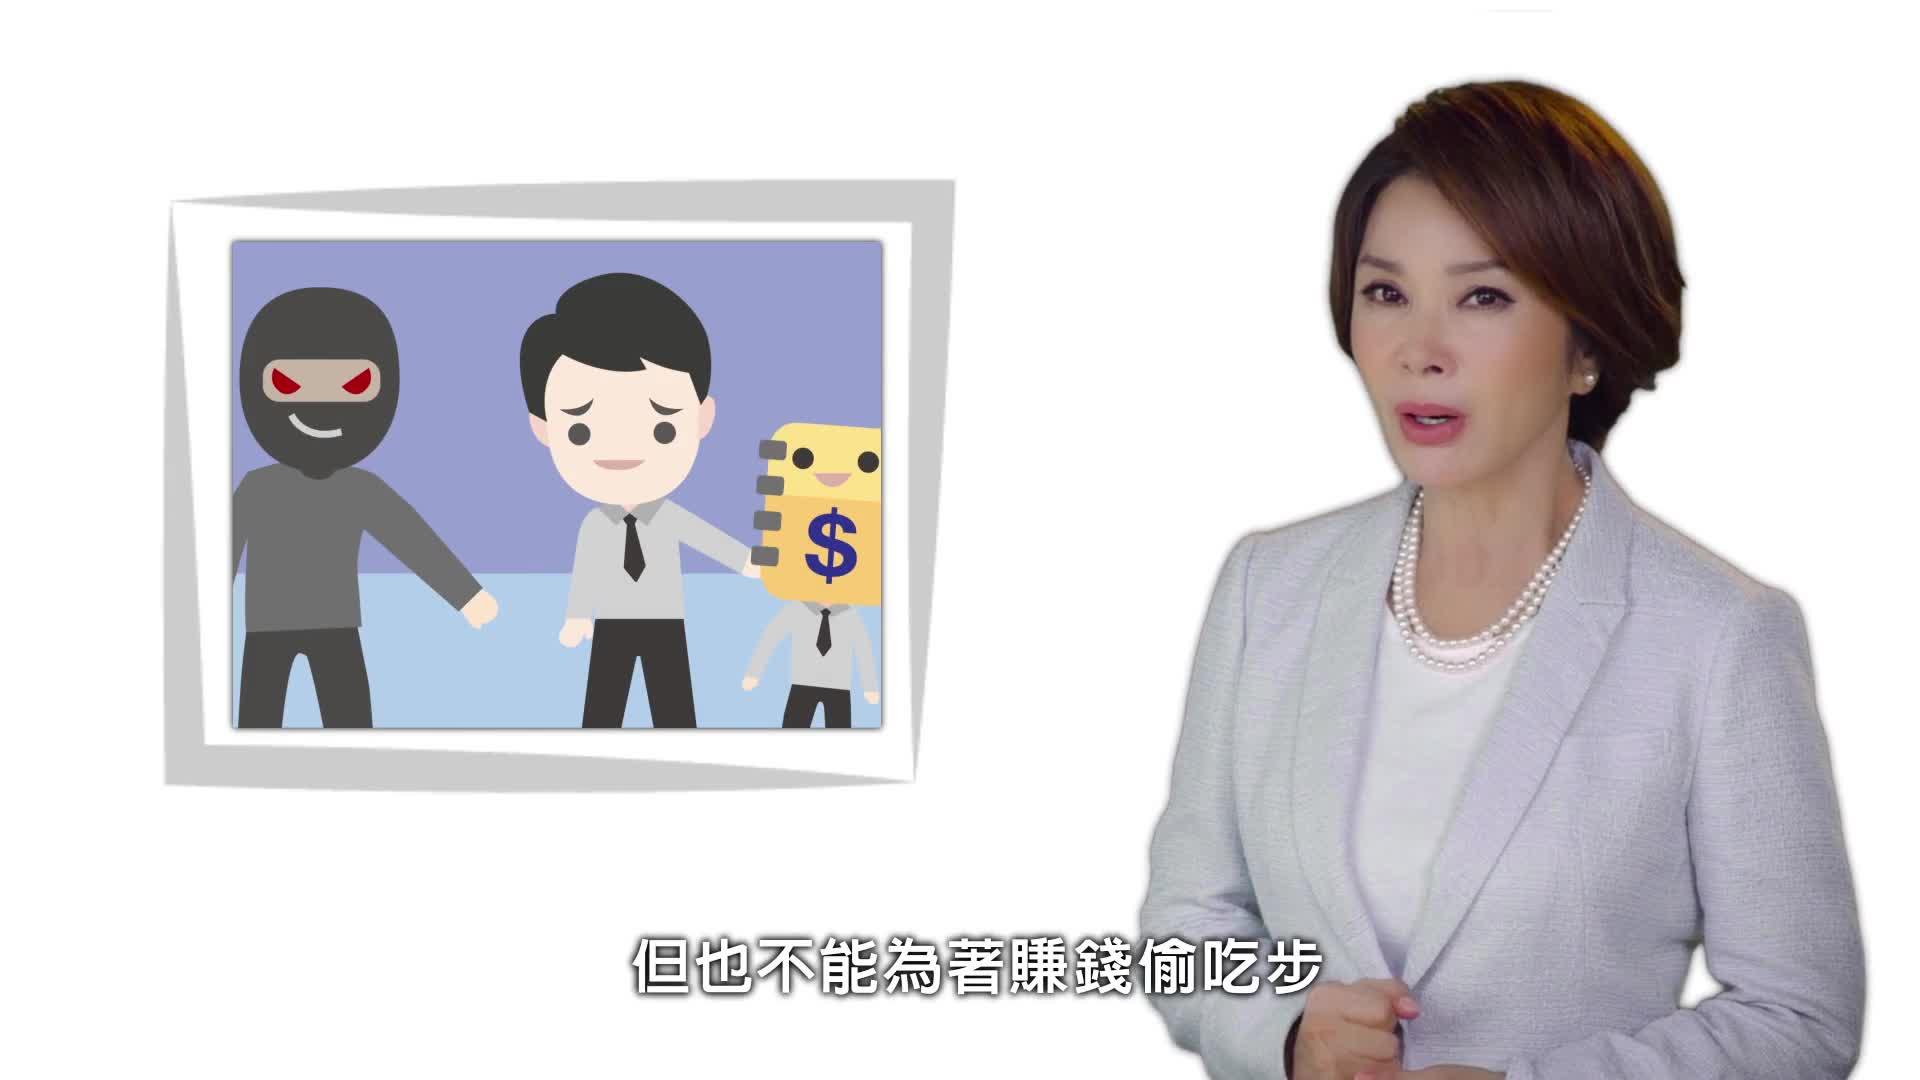 洗錢防制杜絕人頭文化 - 美鳳規勸篇30秒